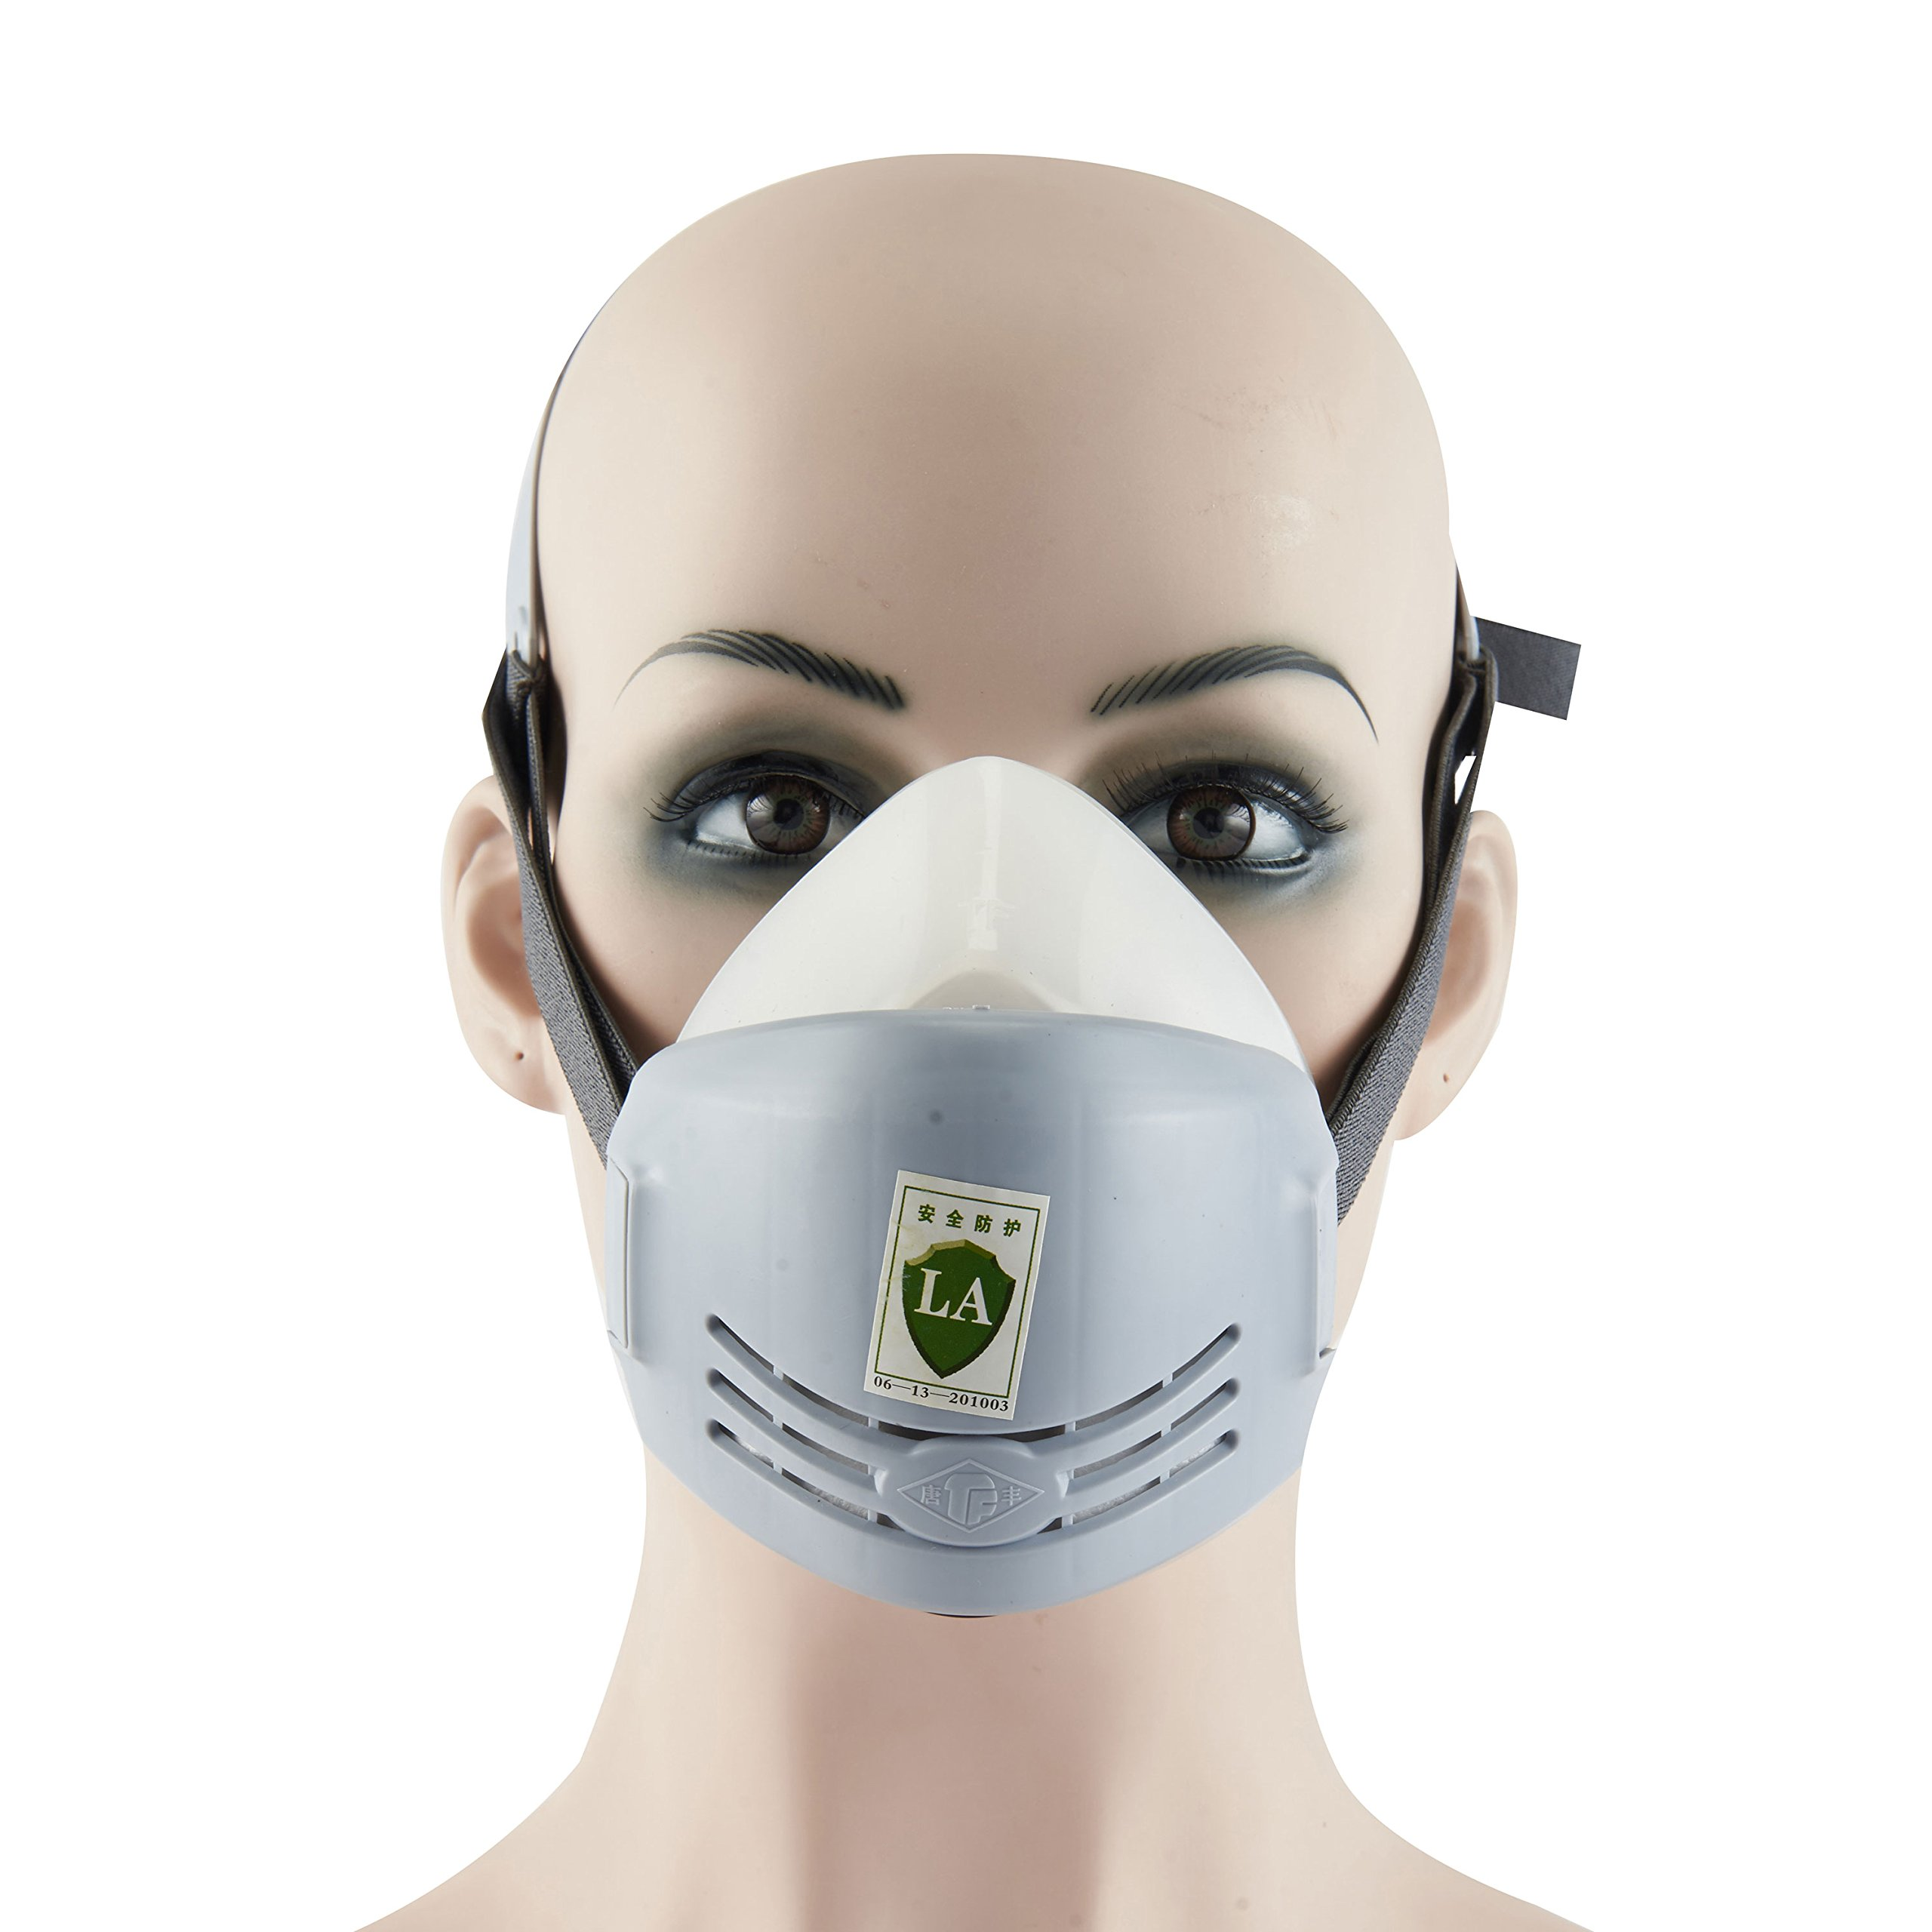 Joyutoy Respirator Dust Mask KN90 Pm2.5 Half Facepiece Reusable Respirator Gas Protection Filter Respirator (White)